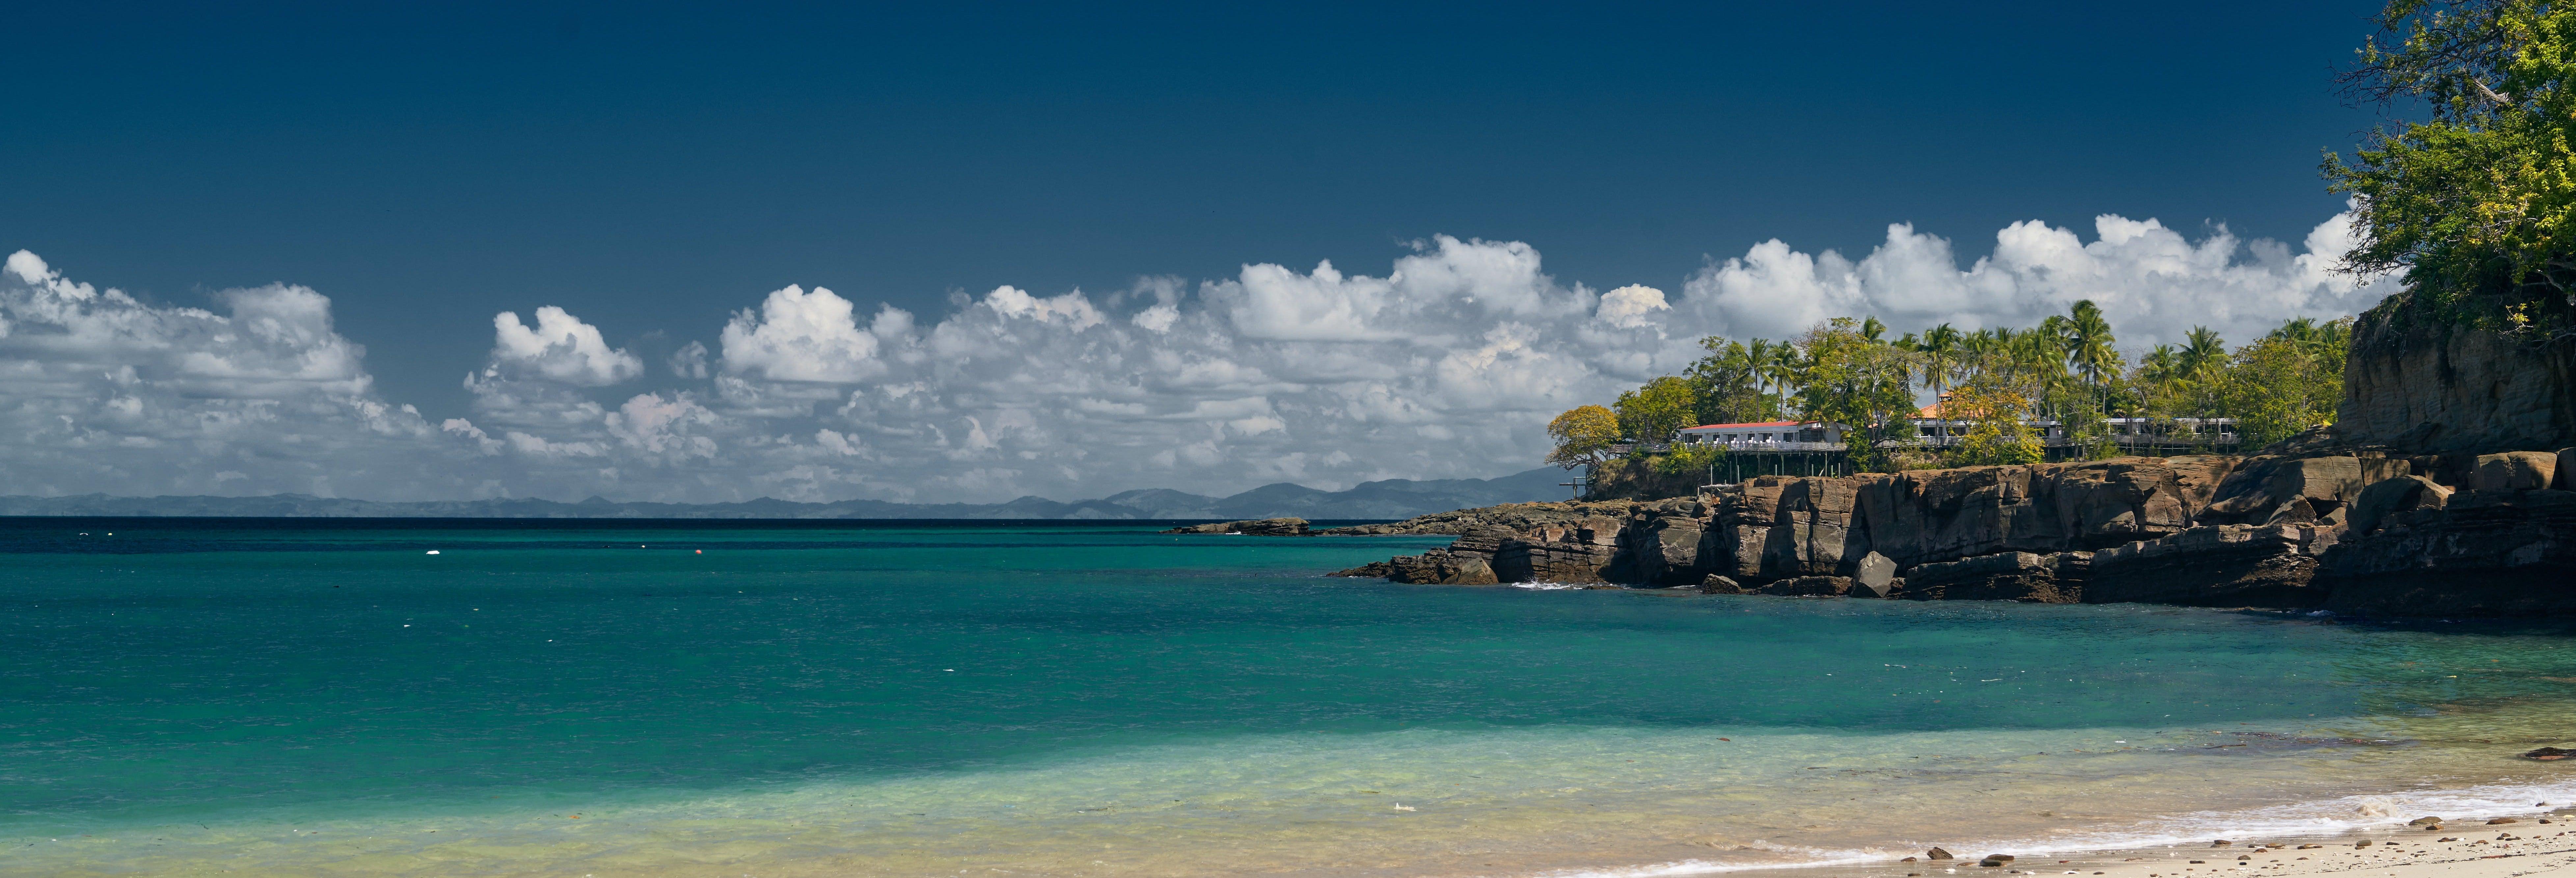 Excursion à la plage Punta Chame + Cours de surf